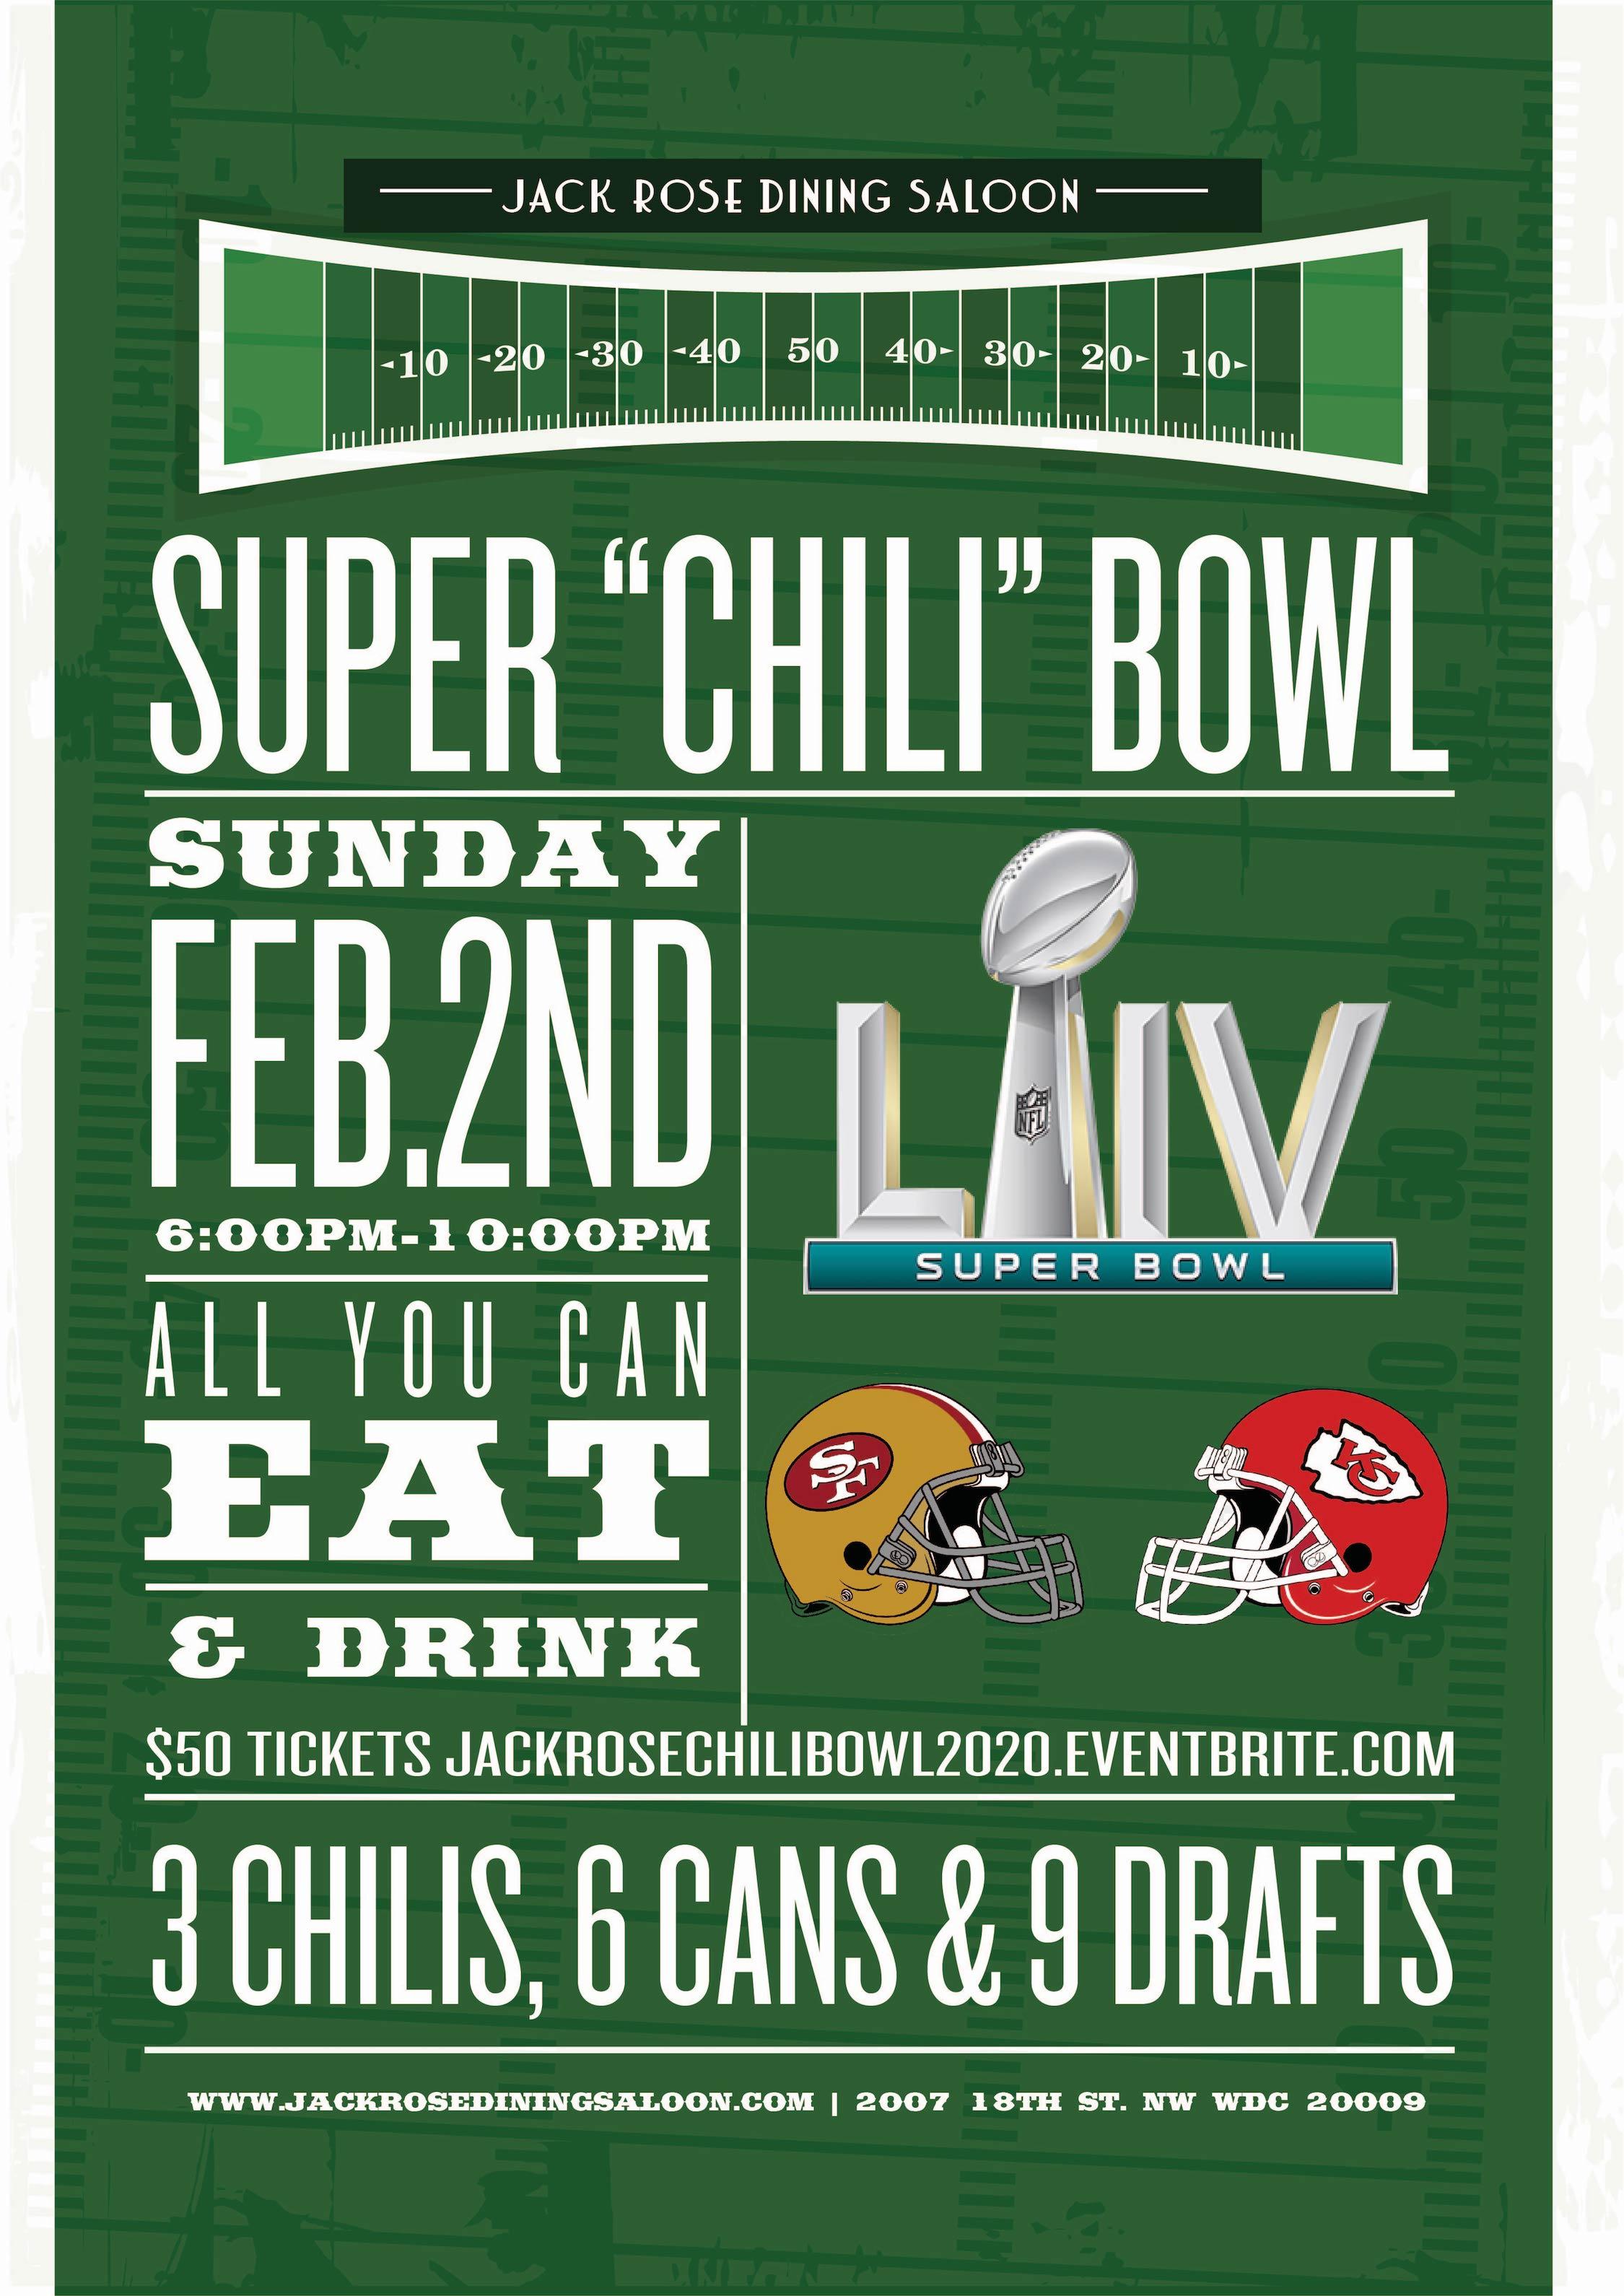 Super Chili Bowl 2020